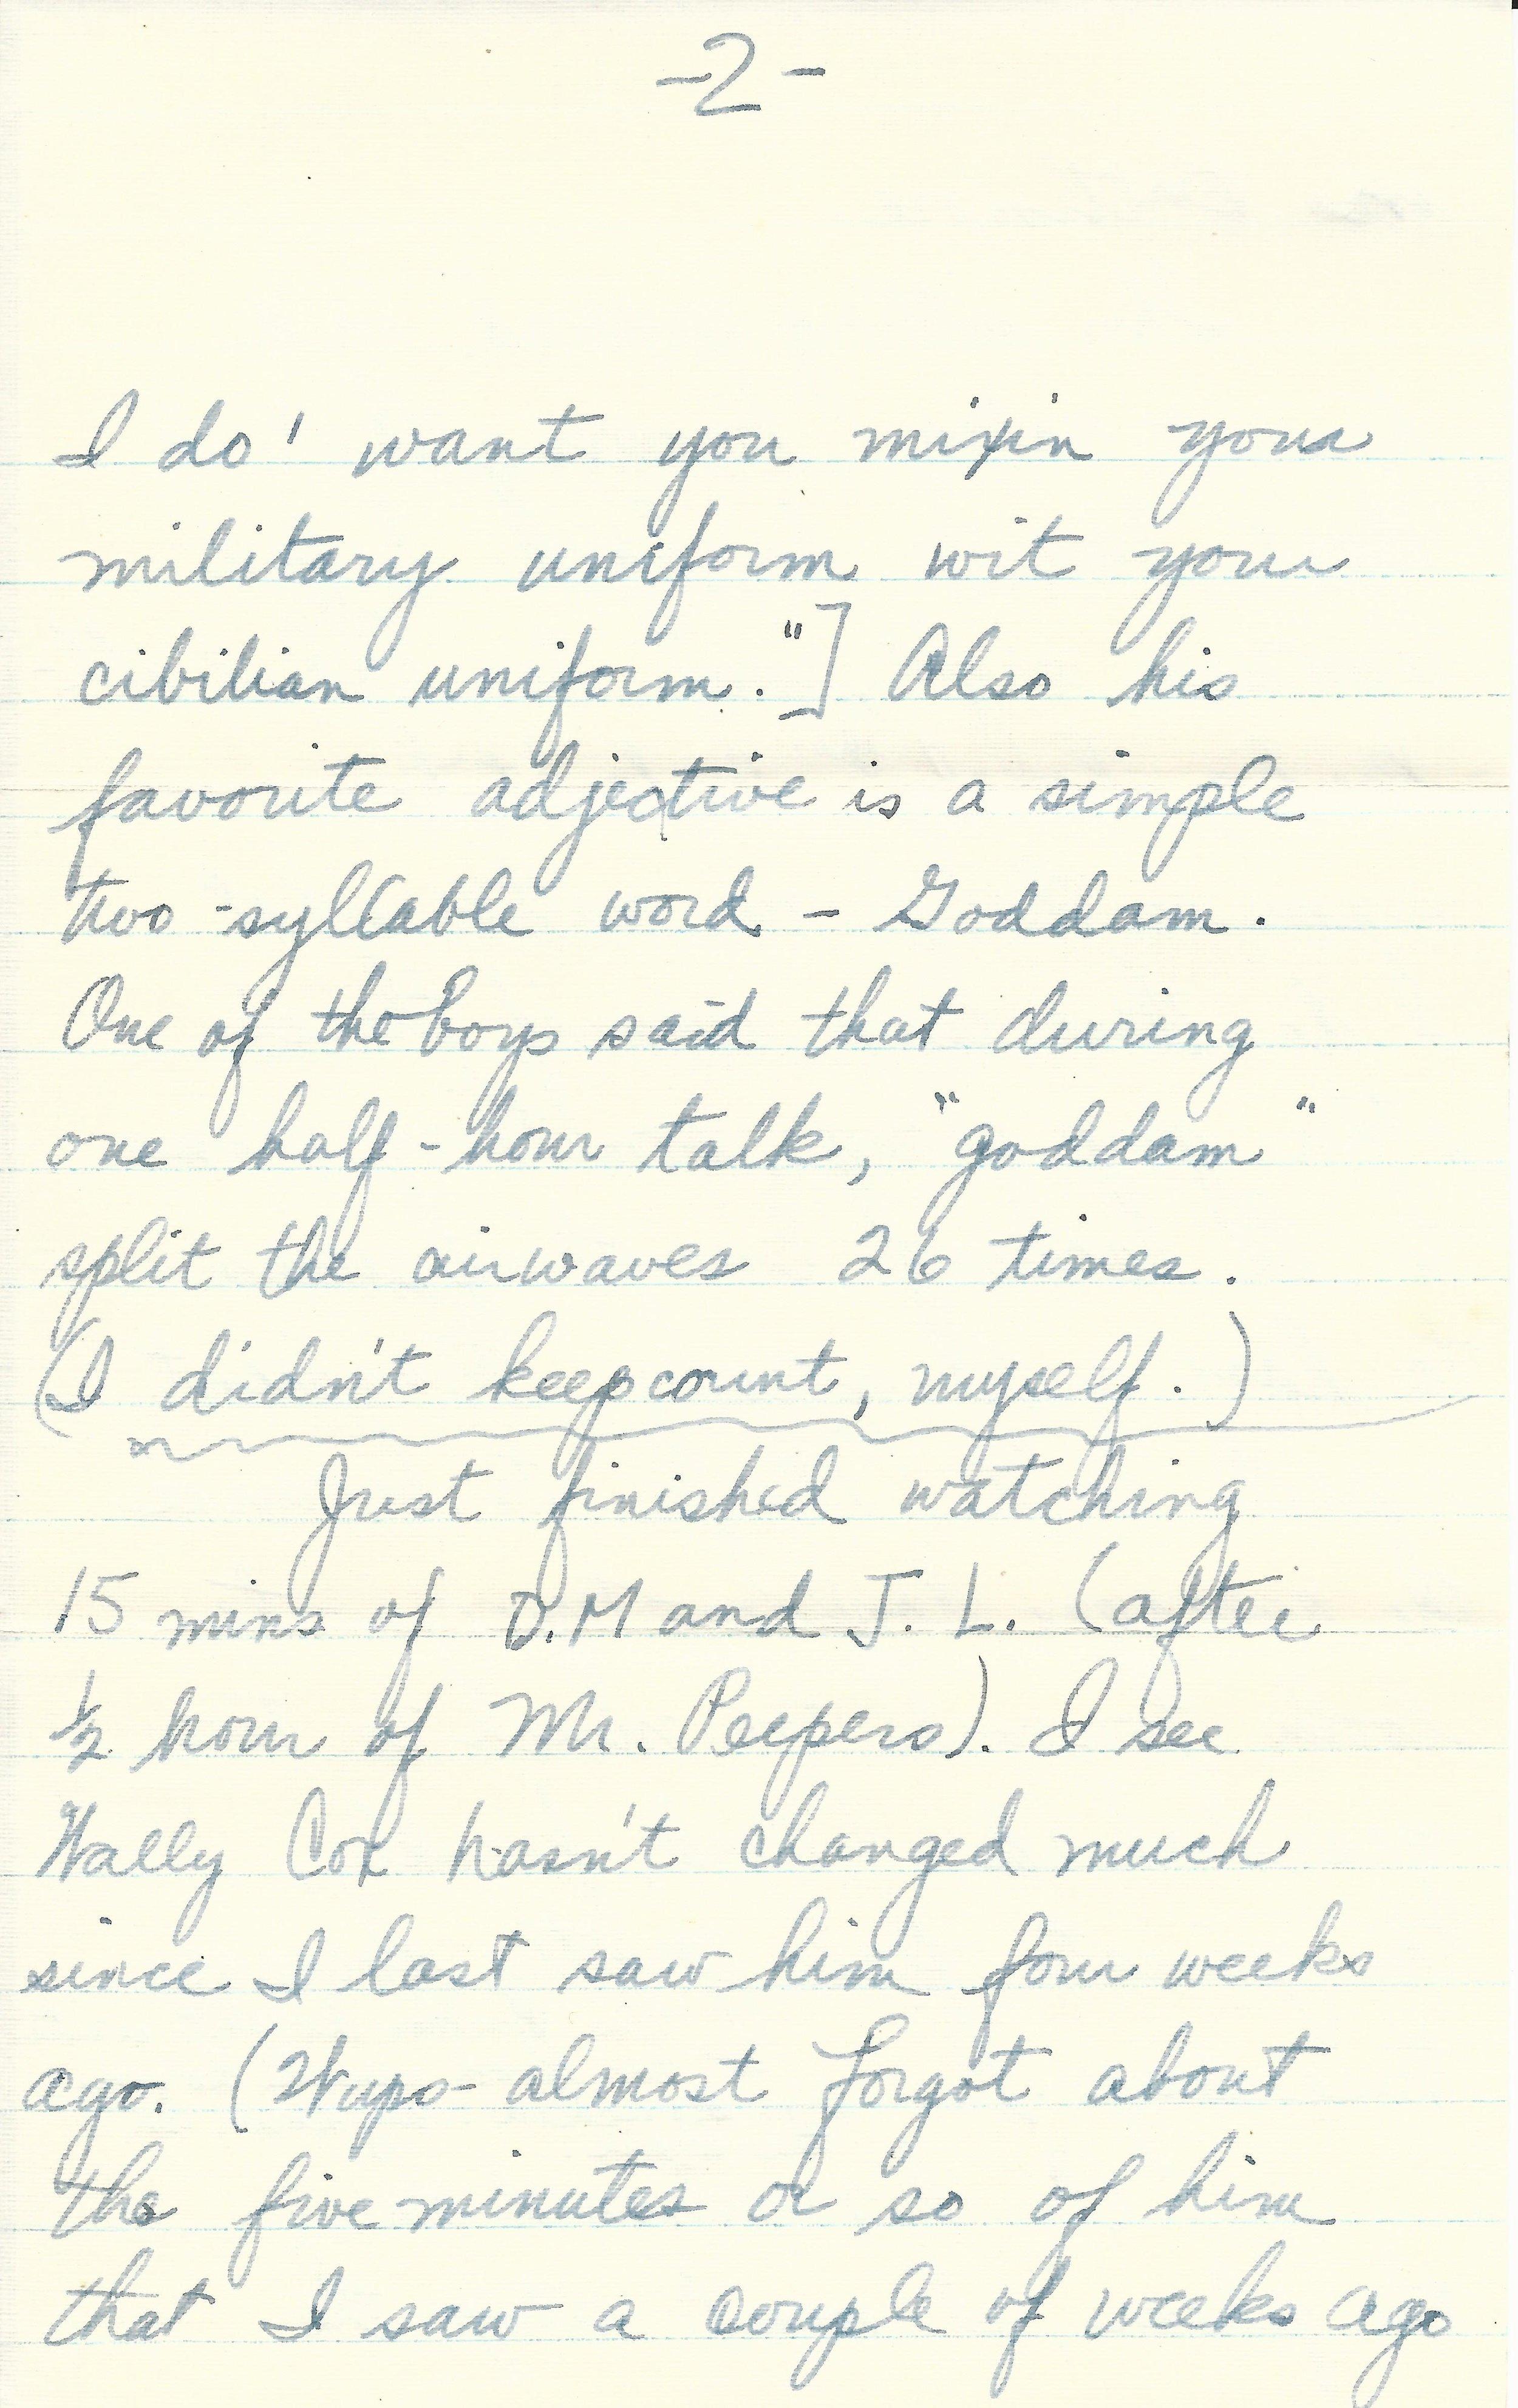 13. Jan. 25, 1953 (Opa)_Page_4.jpg